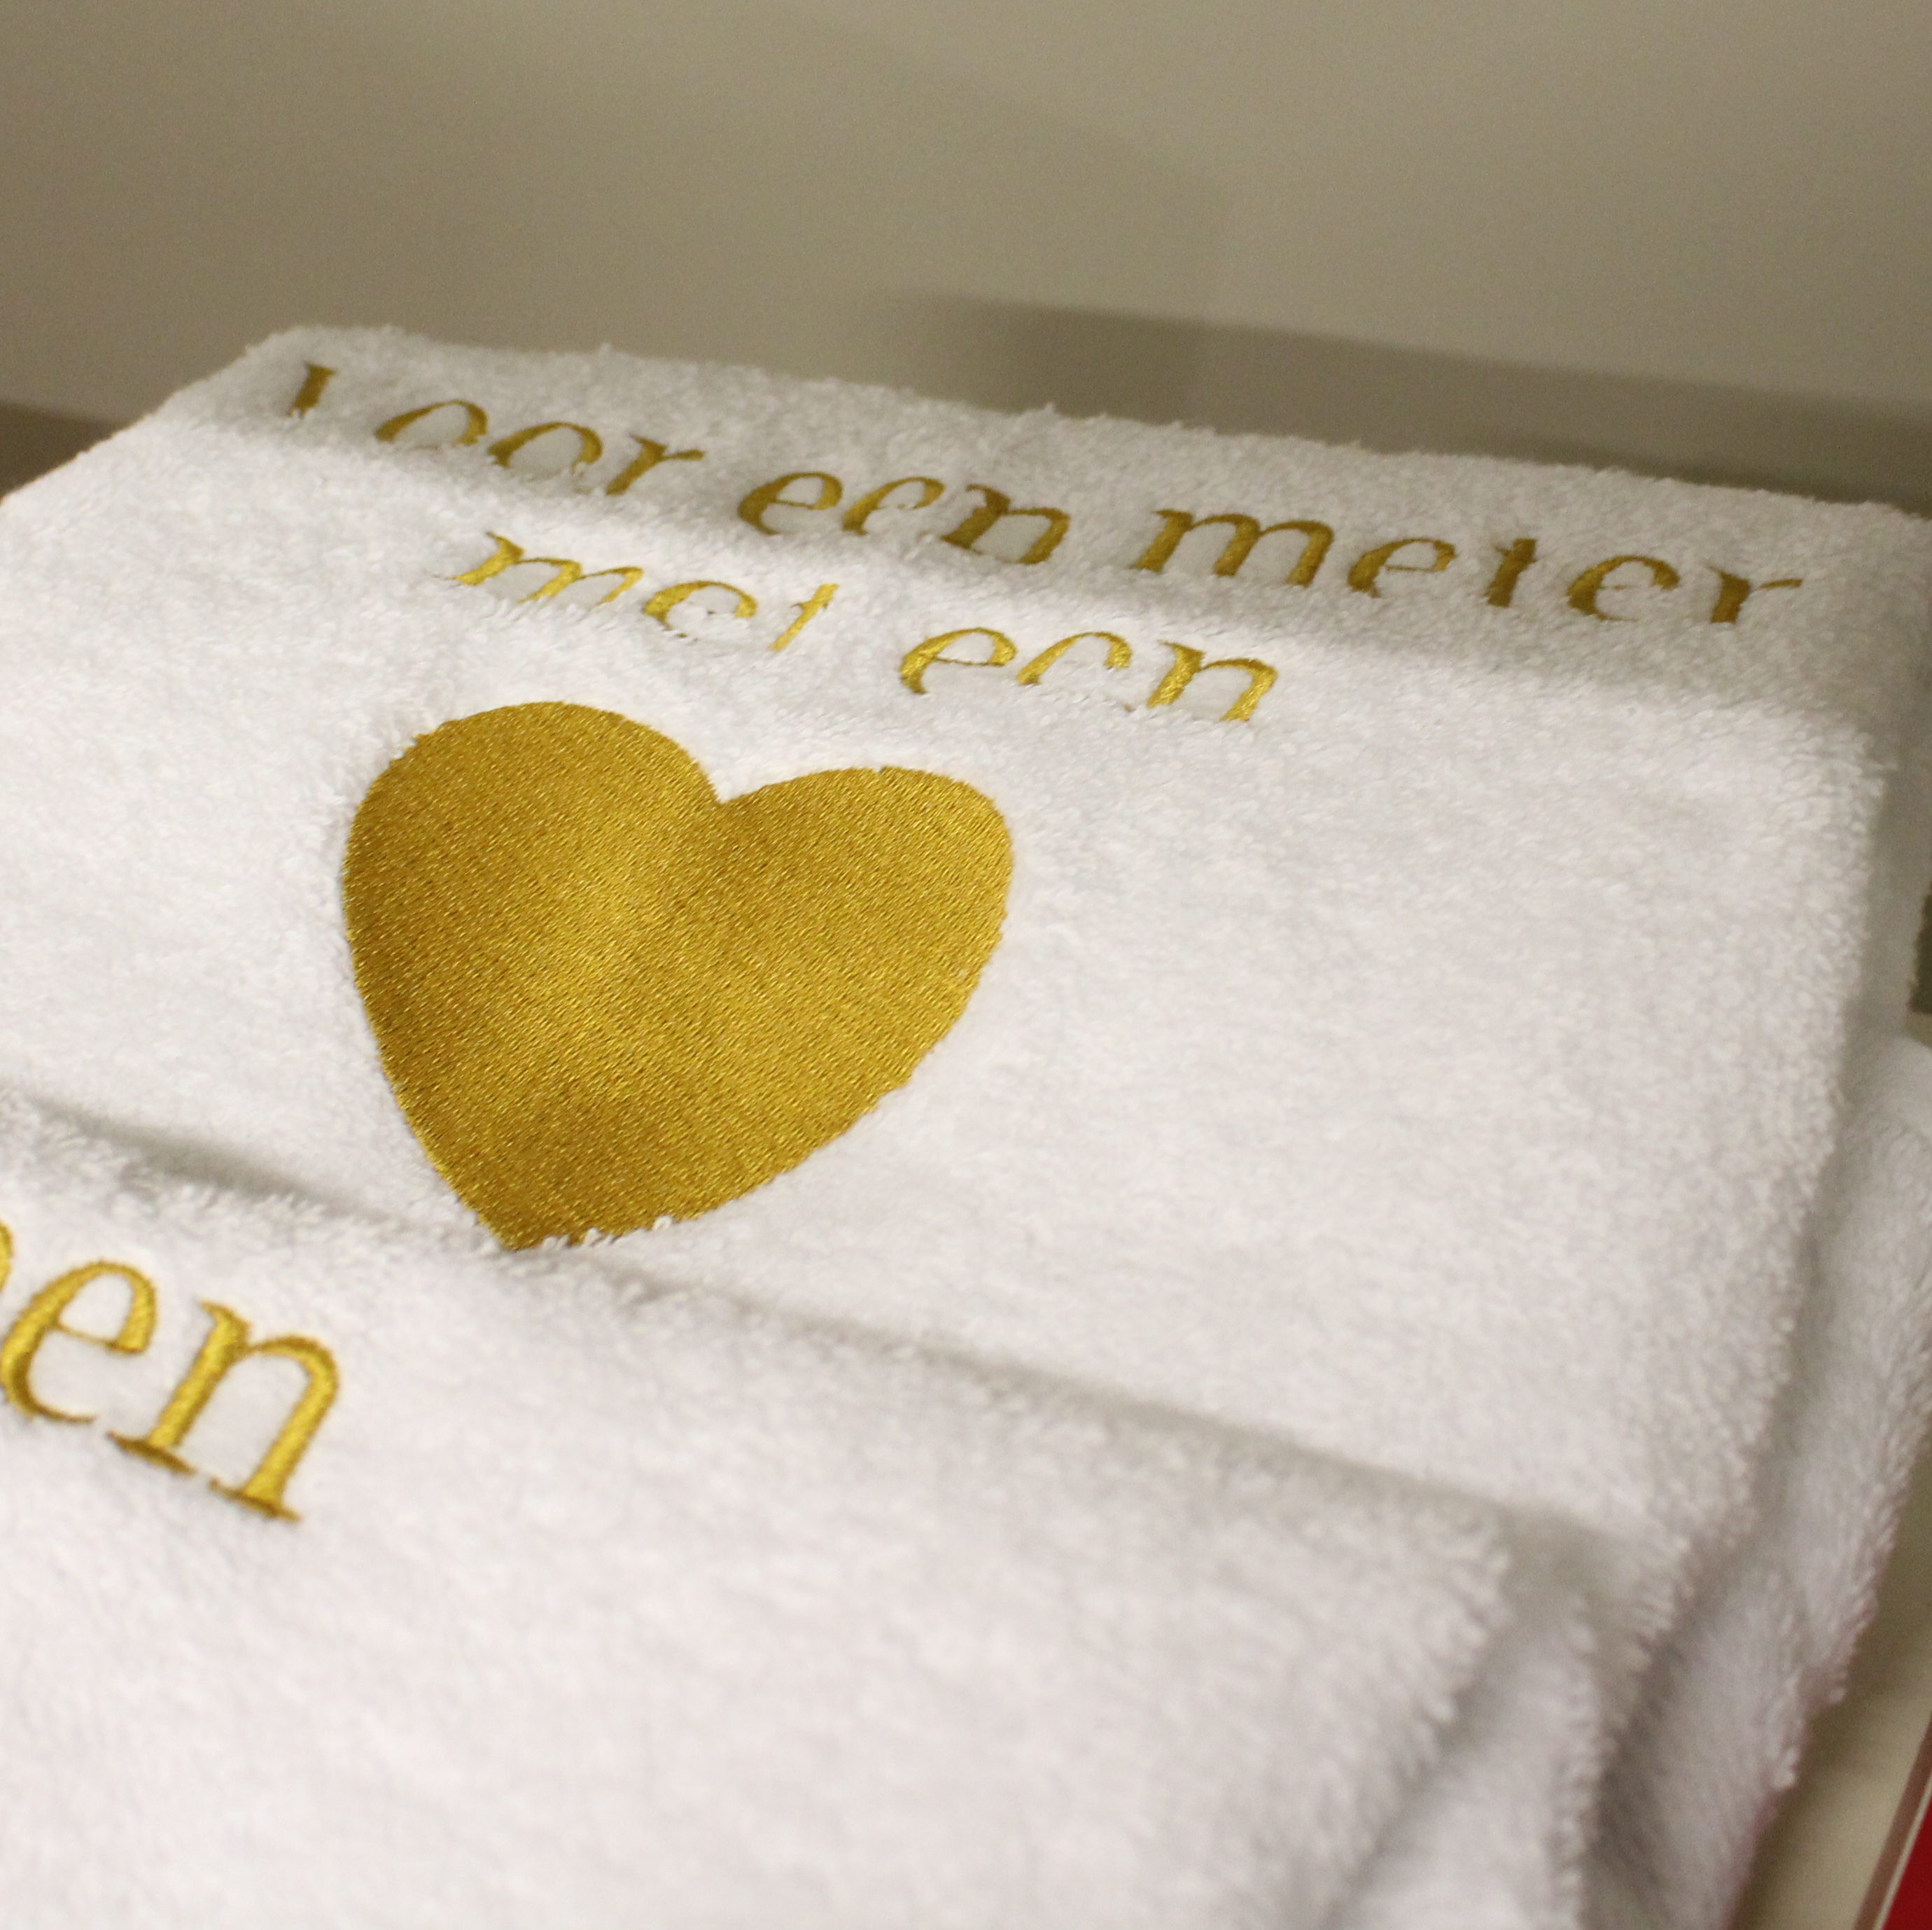 Handdoek Geborduurd Meterpeter T Katooke Geschenken